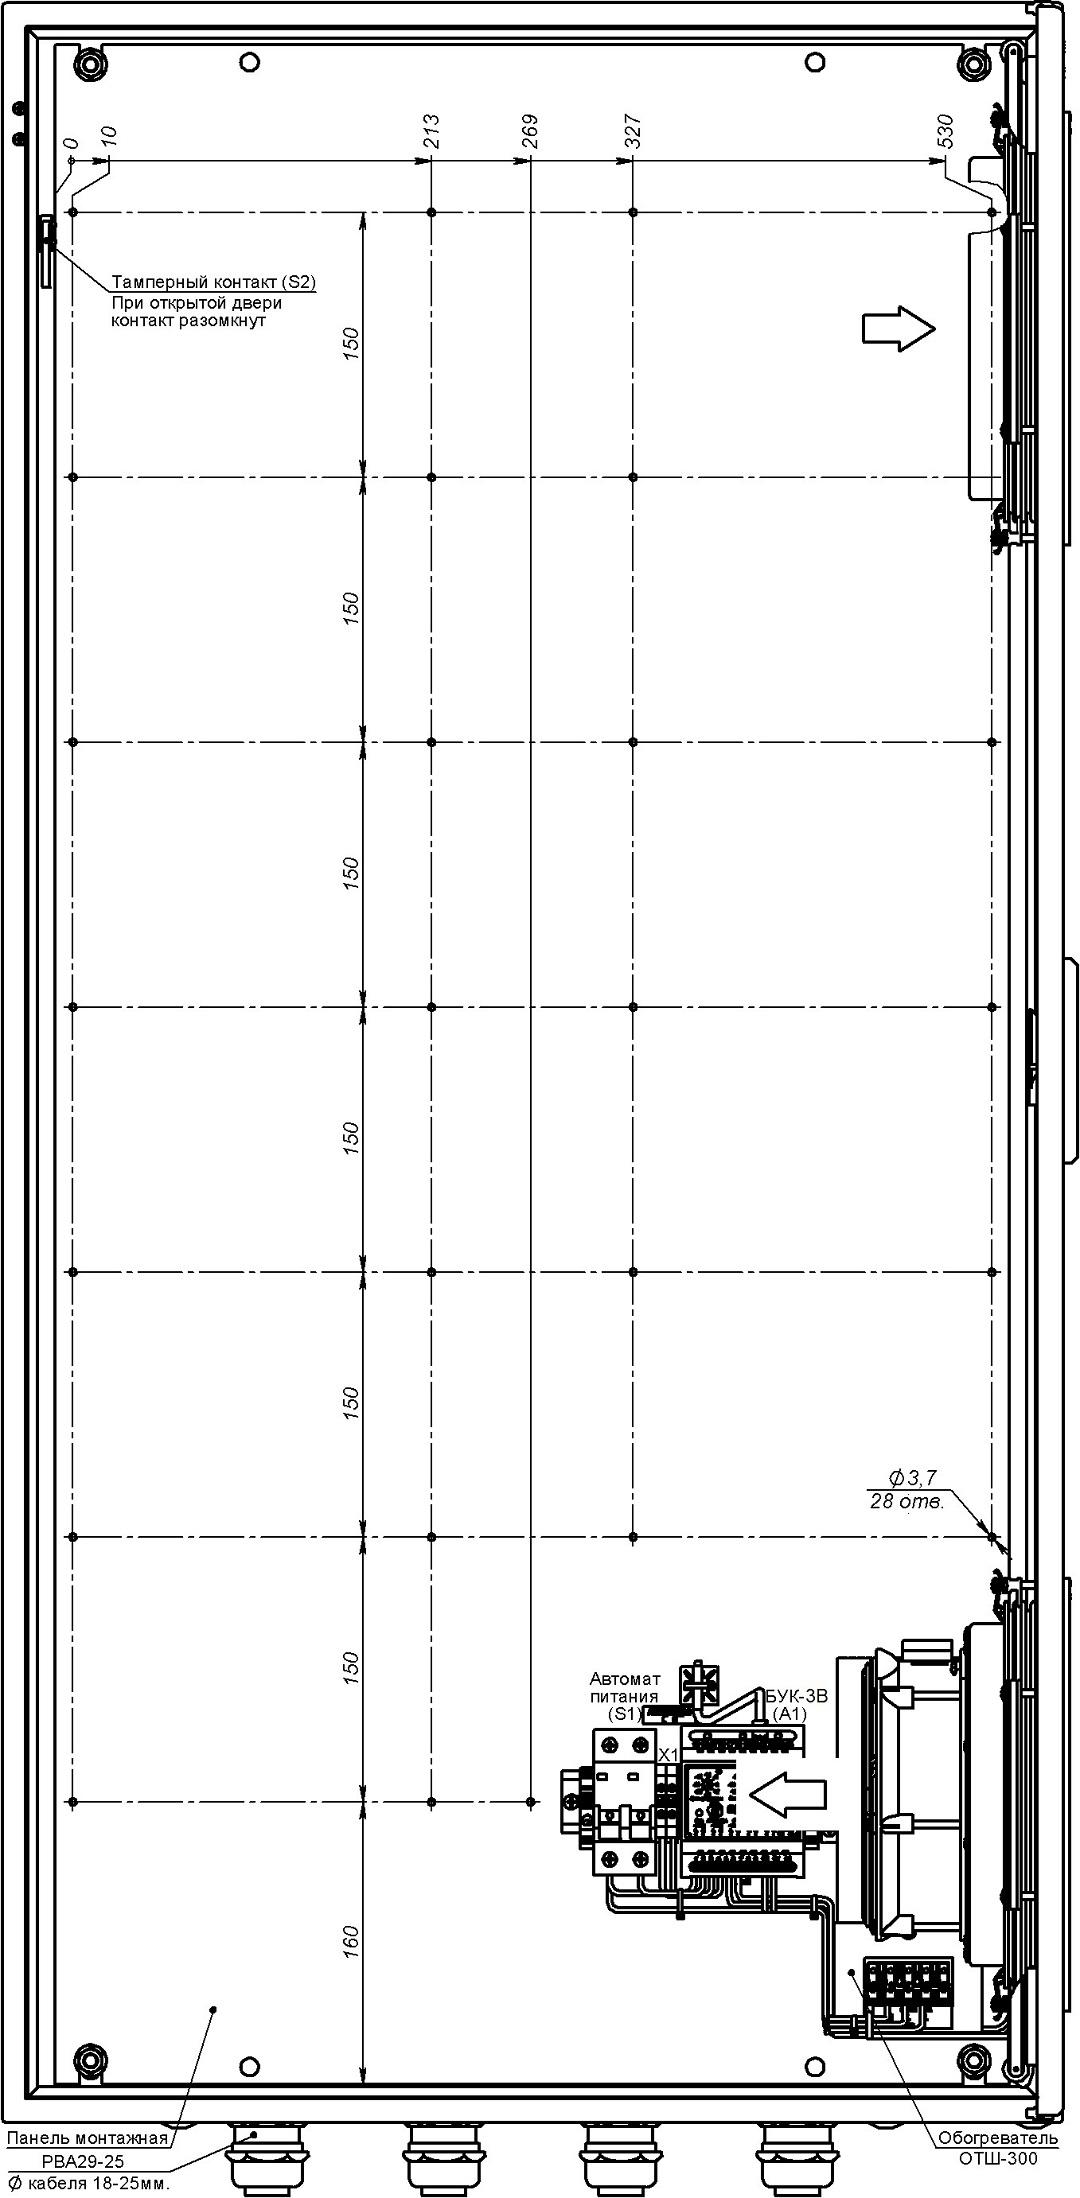 Устройство термошкафа ТШ-5-В2 (дверь открыта на 90°, стрелками указано направление воздушного потока